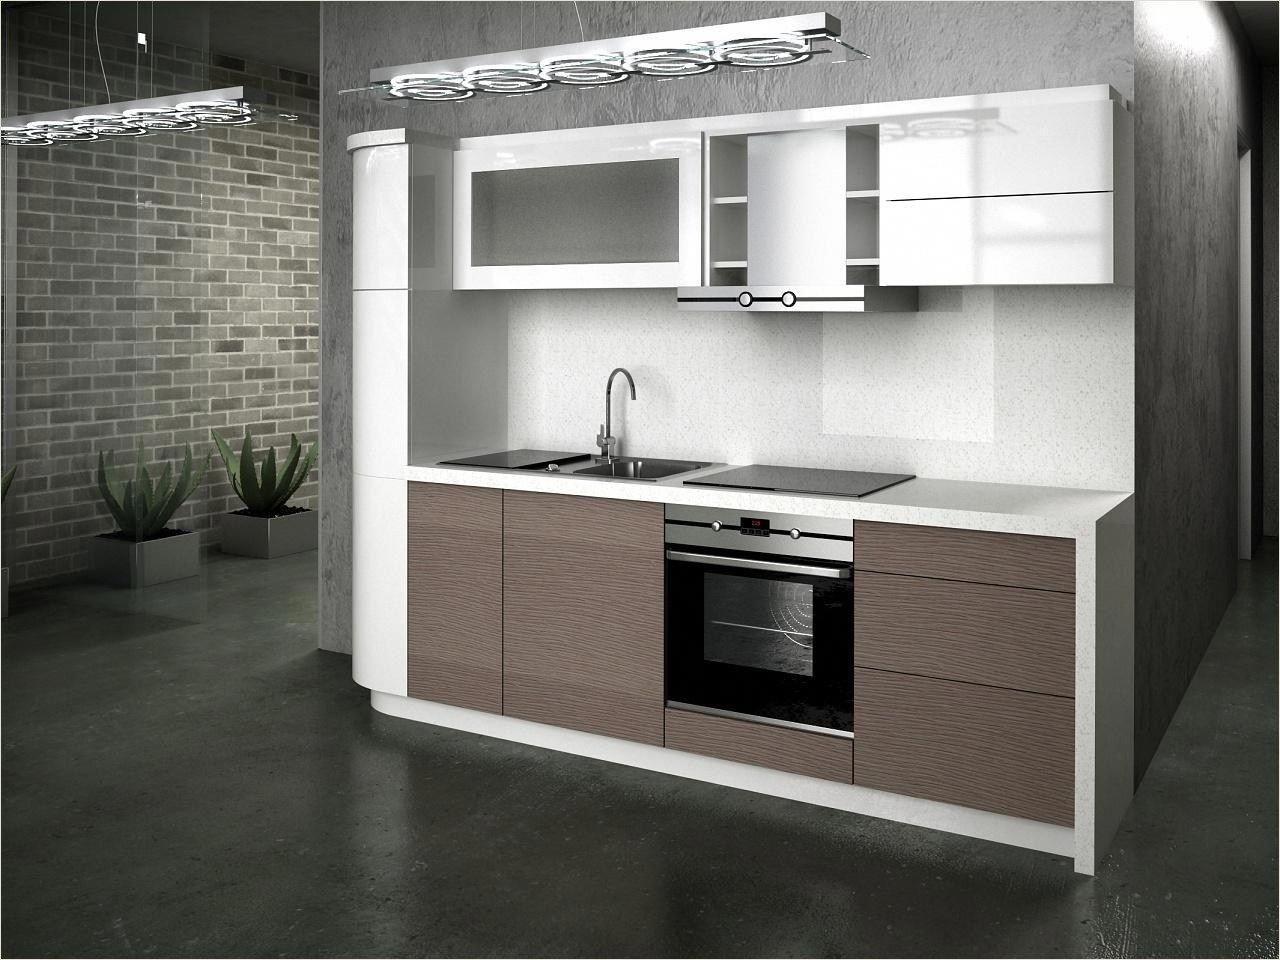 Modern Kitchen Designs For Small Spaces 20 Modernhomedecorkitchen Simple Kitchen Design Contemporary Kitchen Decor Contemporary Kitchen Cabinets